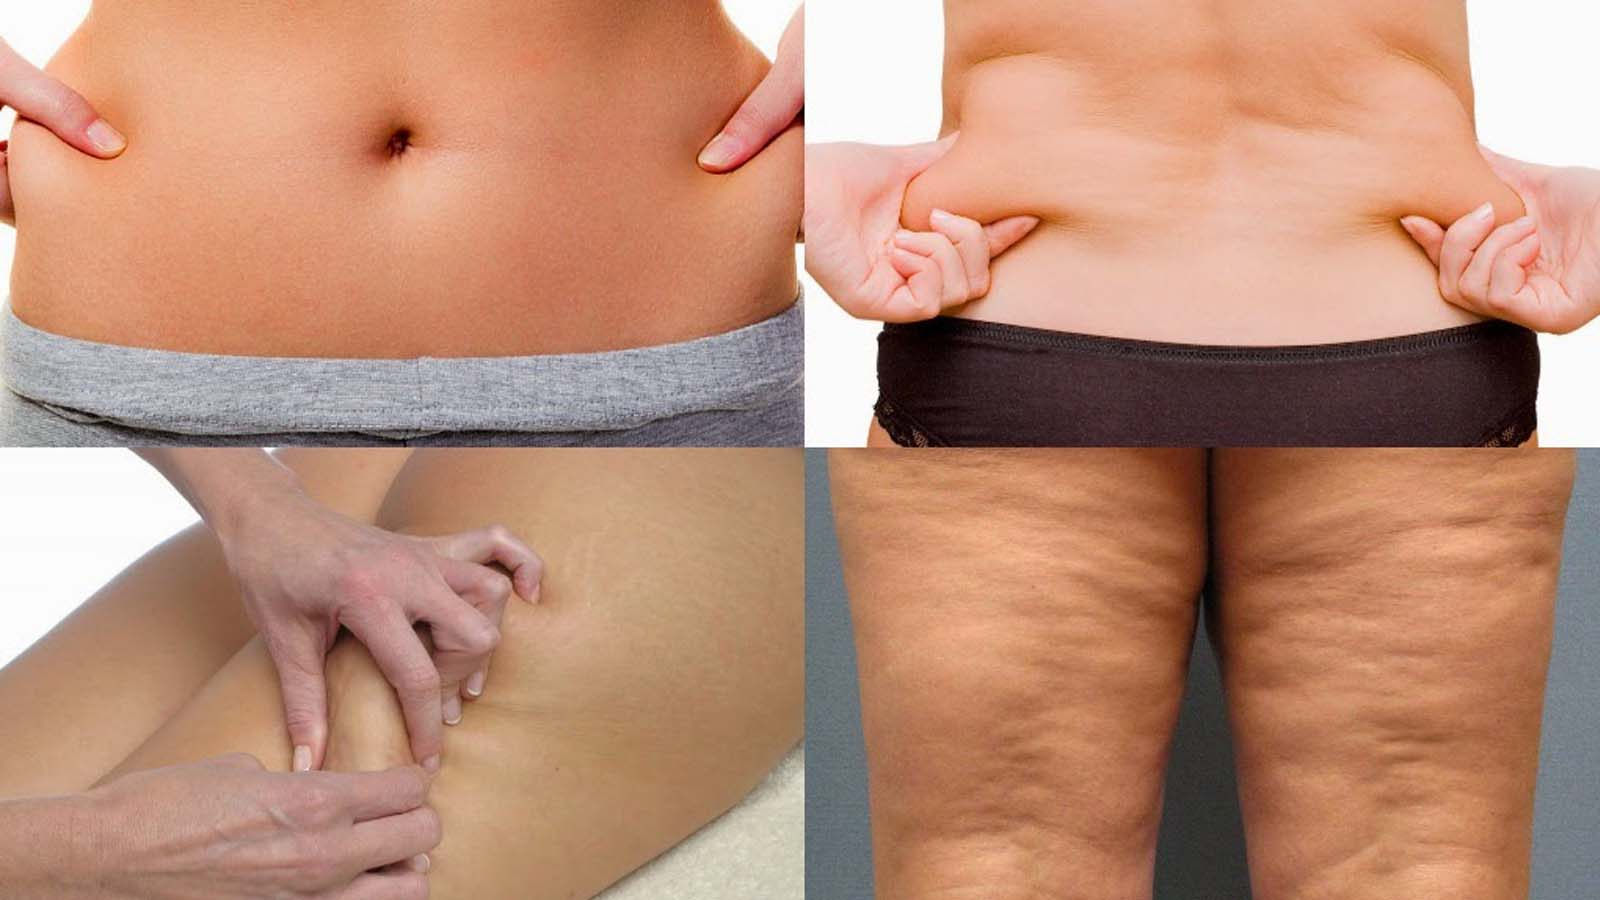 بالصور ما هو السيلوليت , السيلوليت مما يتكون و كيفية علاجه 1097 1